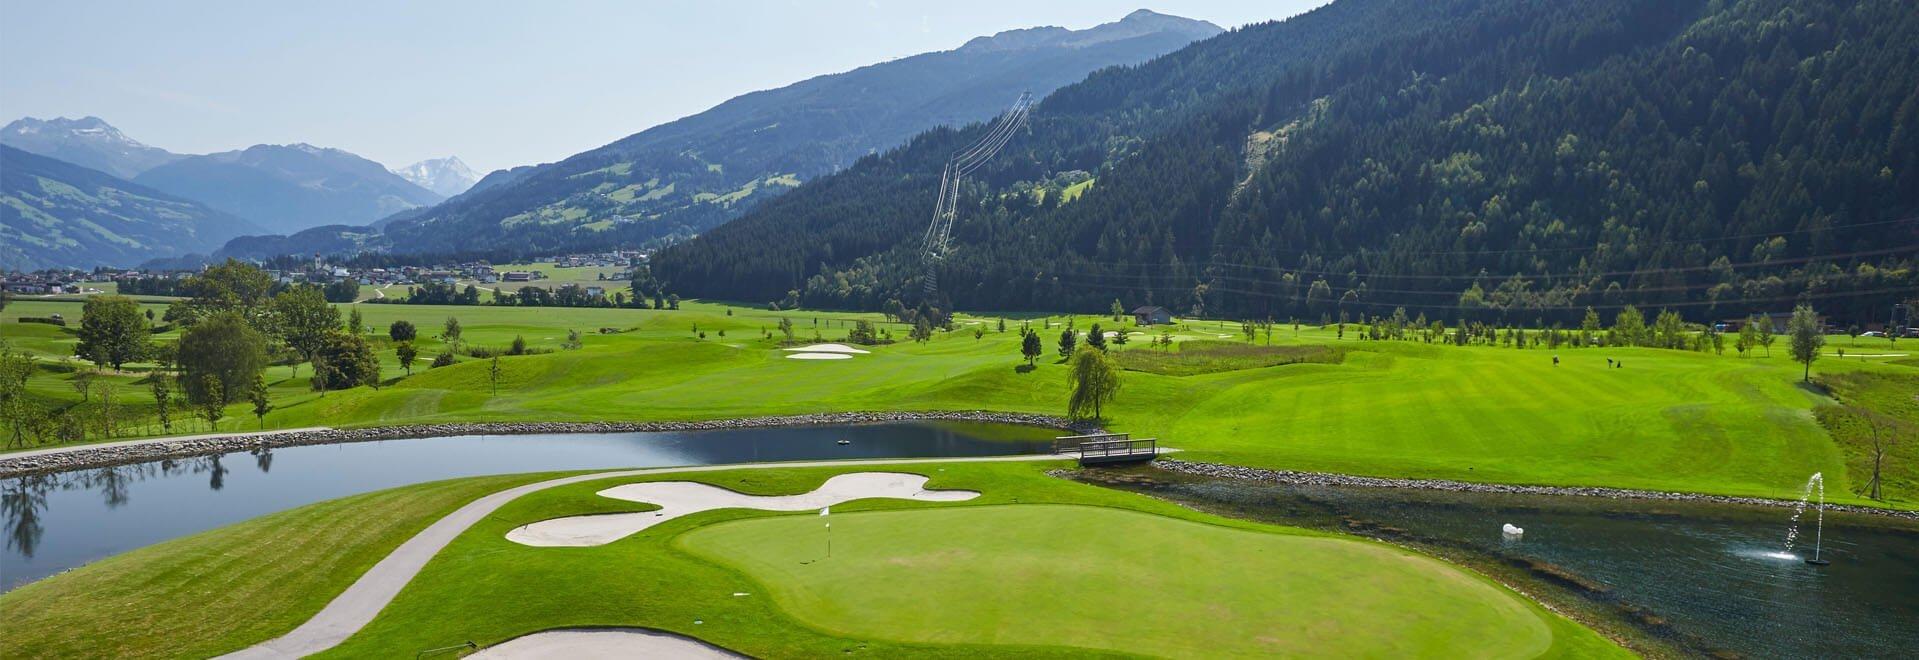 Golf im Zillertal